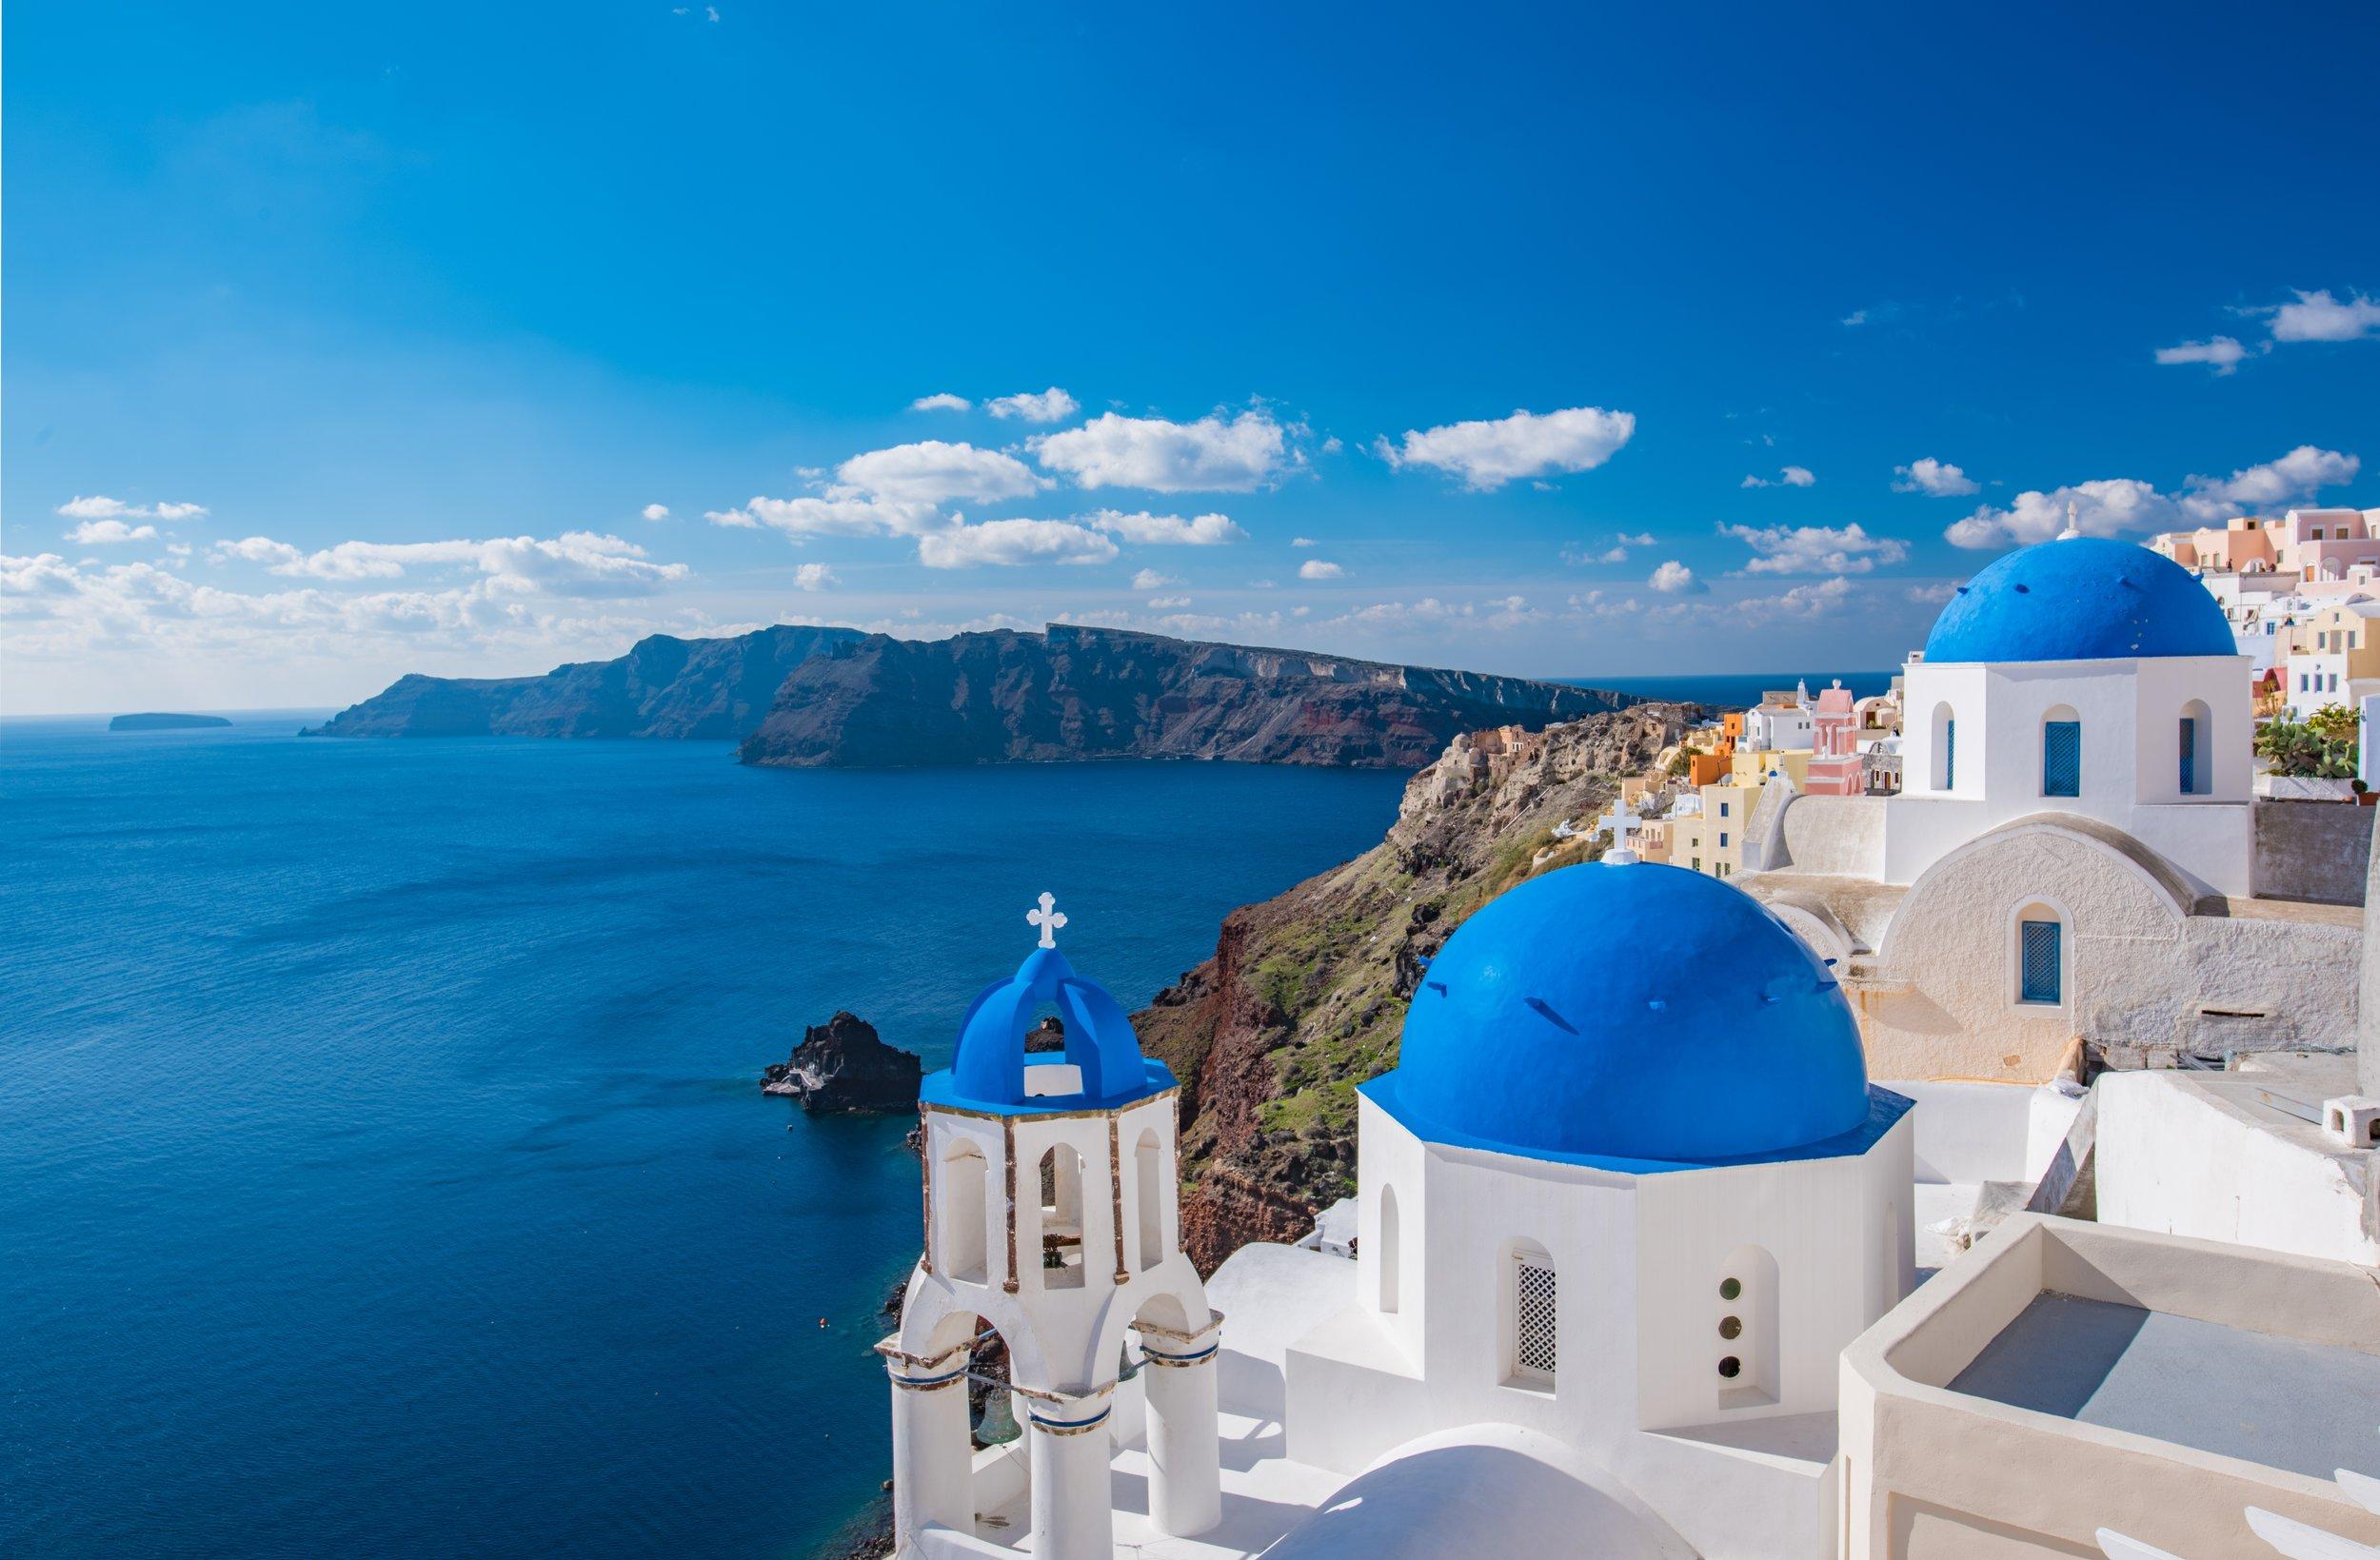 The vibrant colors of Santorini